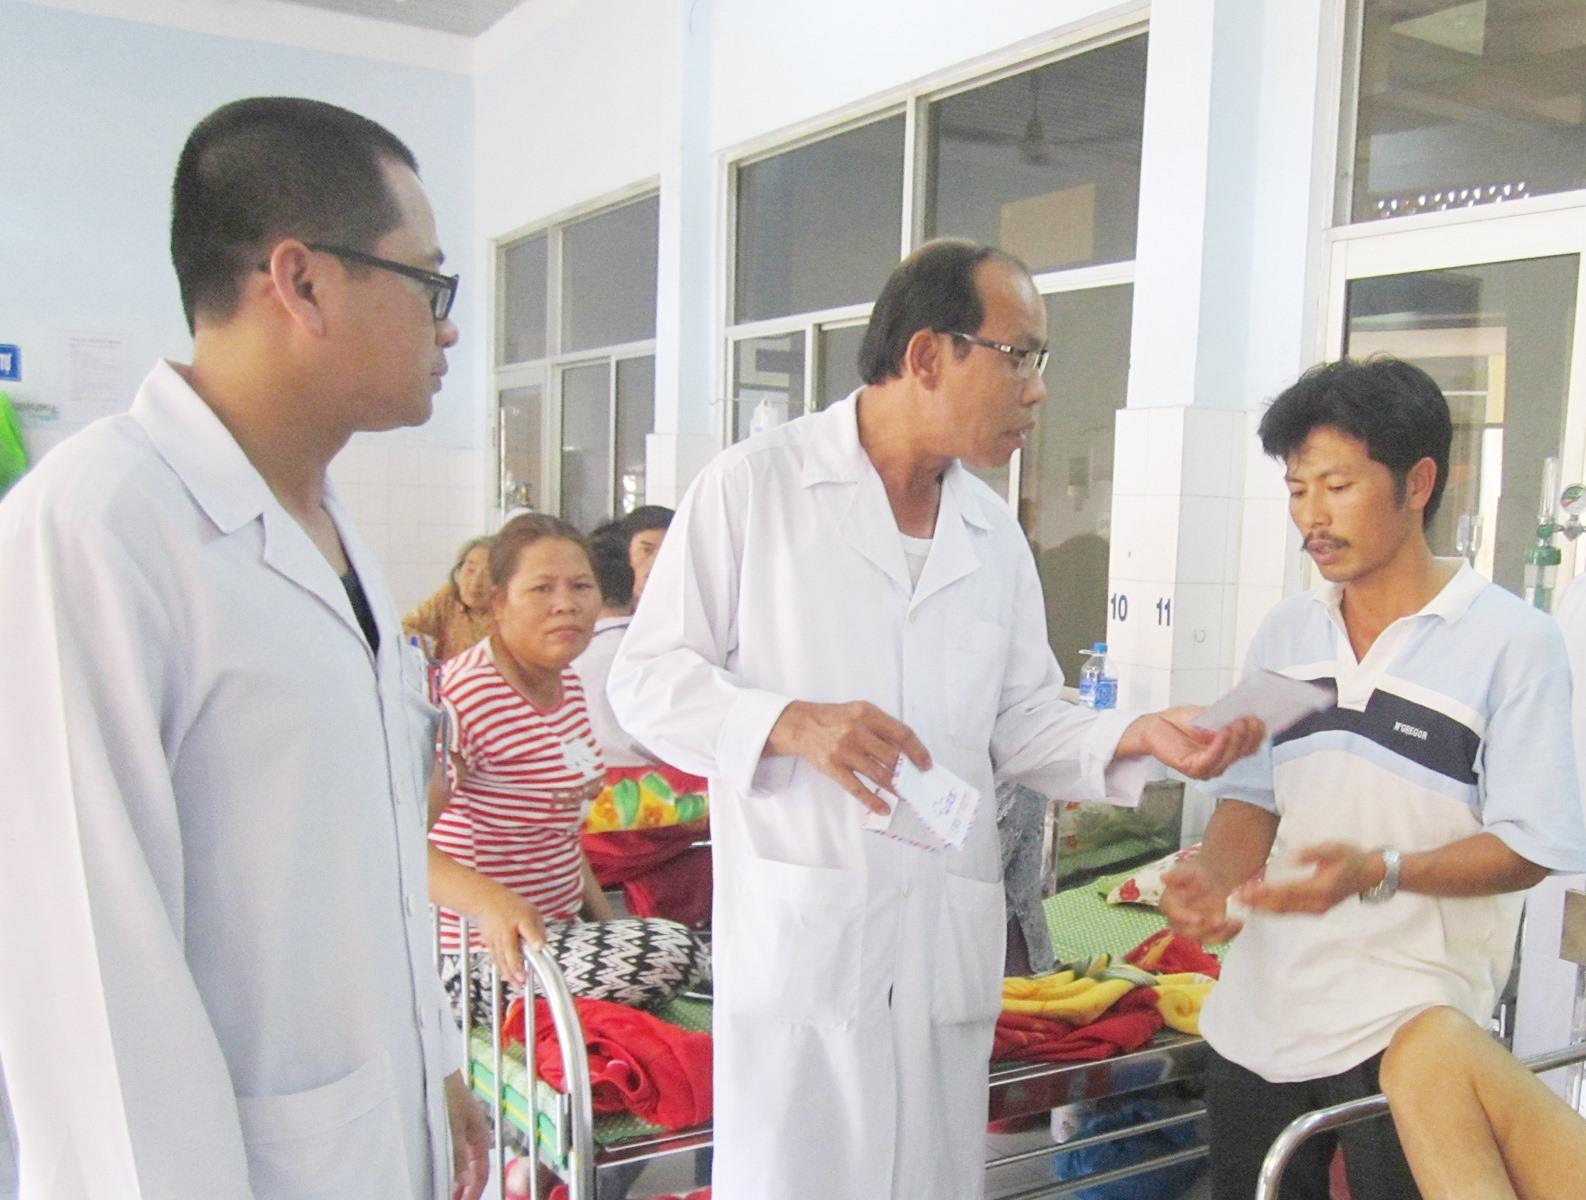 Bác sĩ Trần Phước Ta trao tiền hỗ trợ bệnh nhân nghèo. Ảnh: N.TRANG